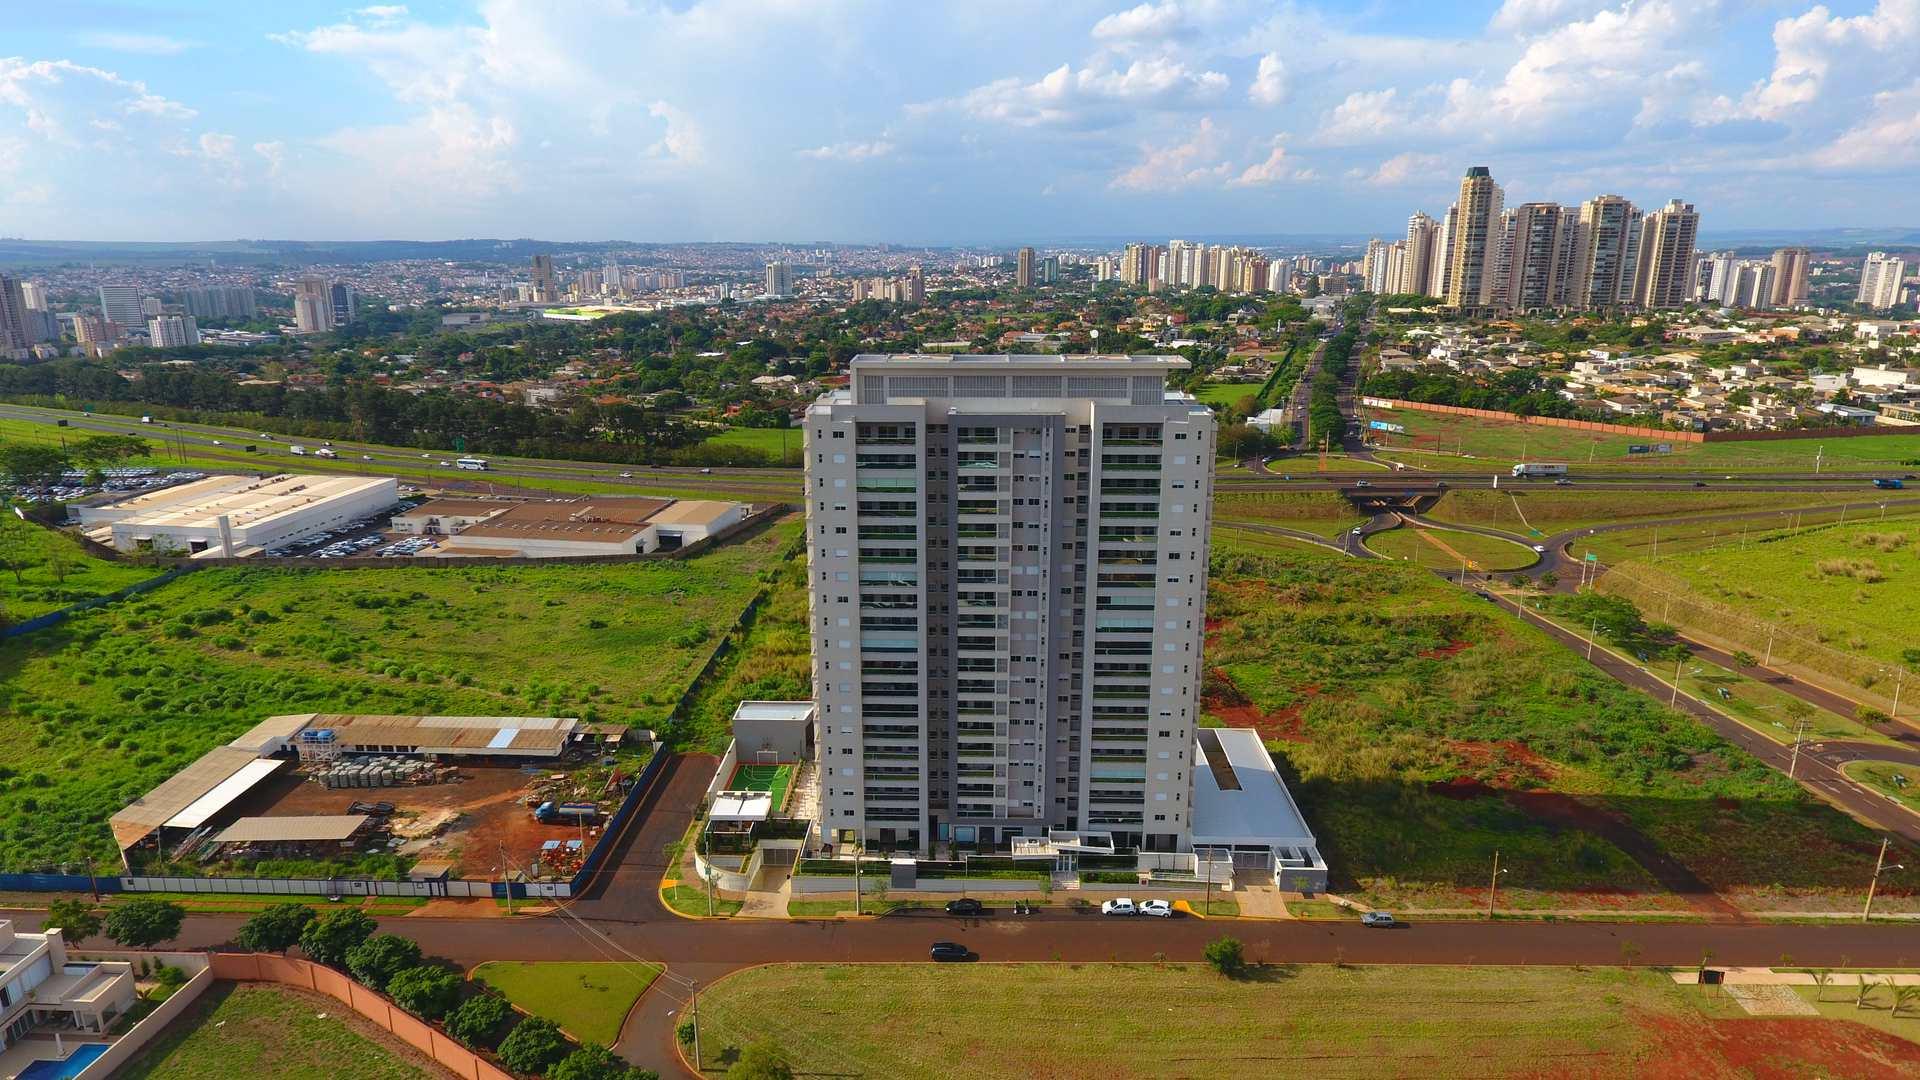 Apartamento com 3 dorms, Bonfim Paulista, Ribeirão Preto - R$ 520 mil, Cod: 1722094